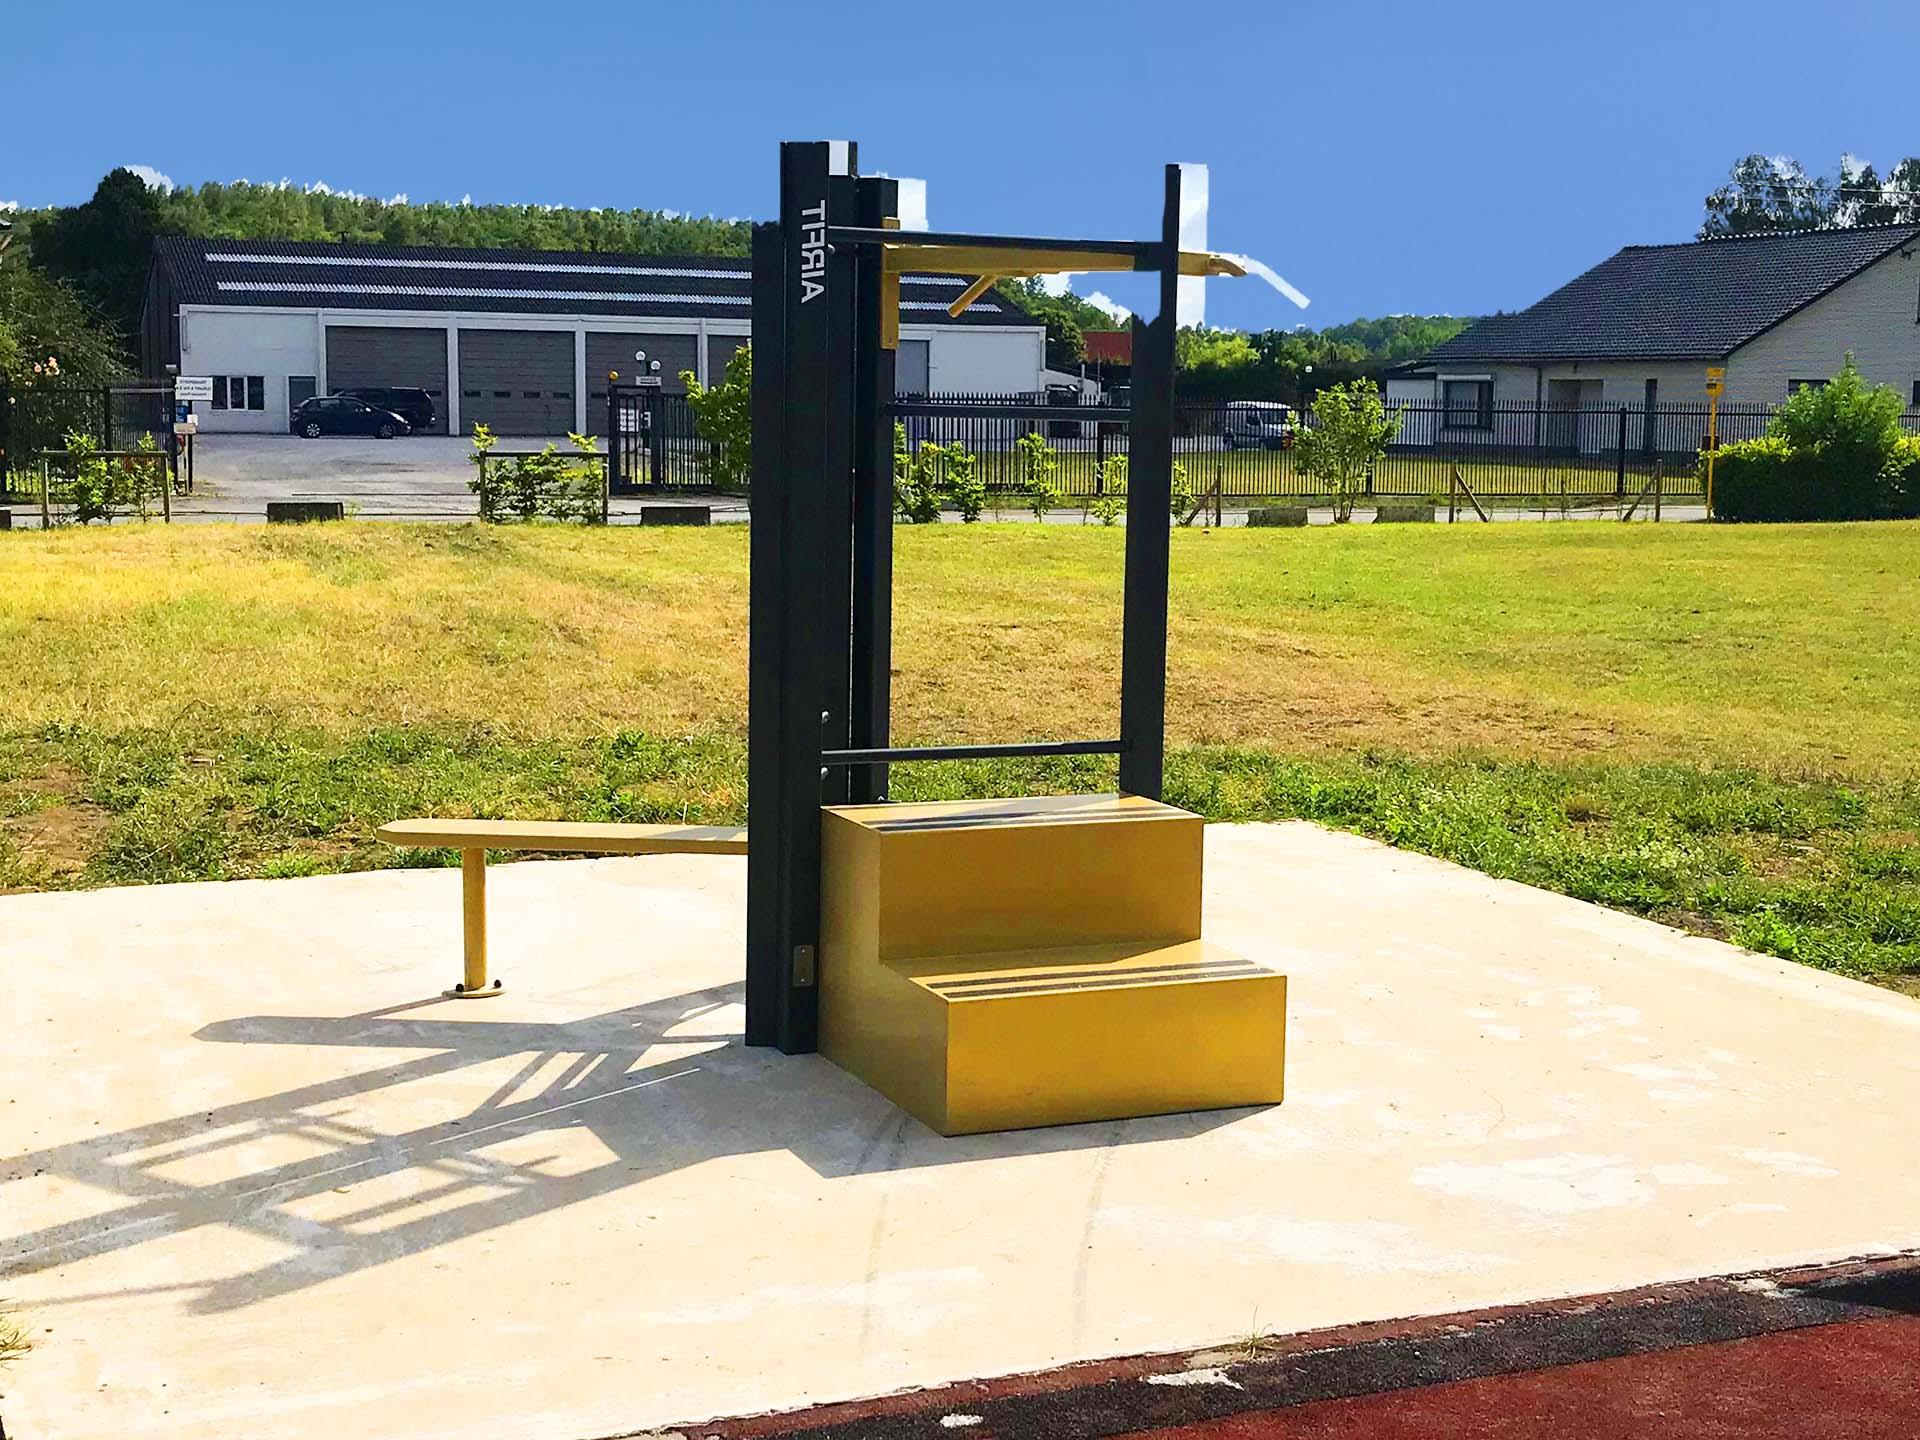 https://www.telesambre.be/chapelle-lez-herlaimont-une-aire-de-fitness-connectee-pour-les-sportifs